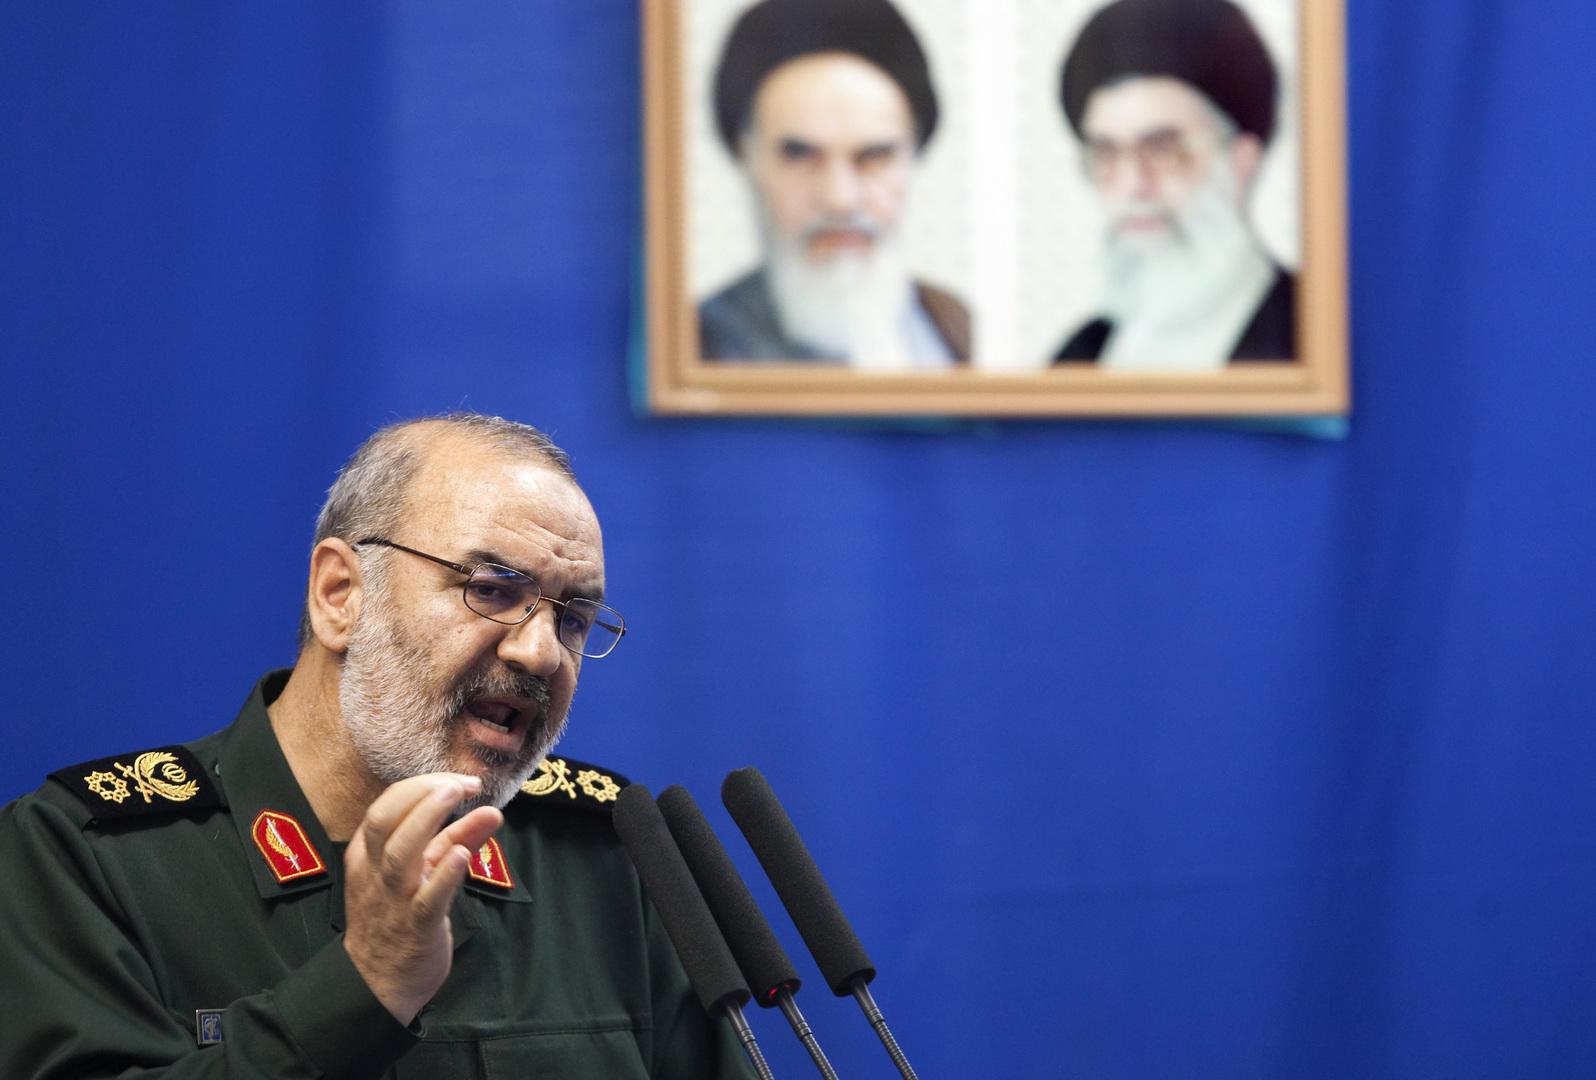 قائد الحرس الثوري الإيراني: سنتحدث خلال الأيام المقبلة عن انتصار كبير على الولايات المتحدة